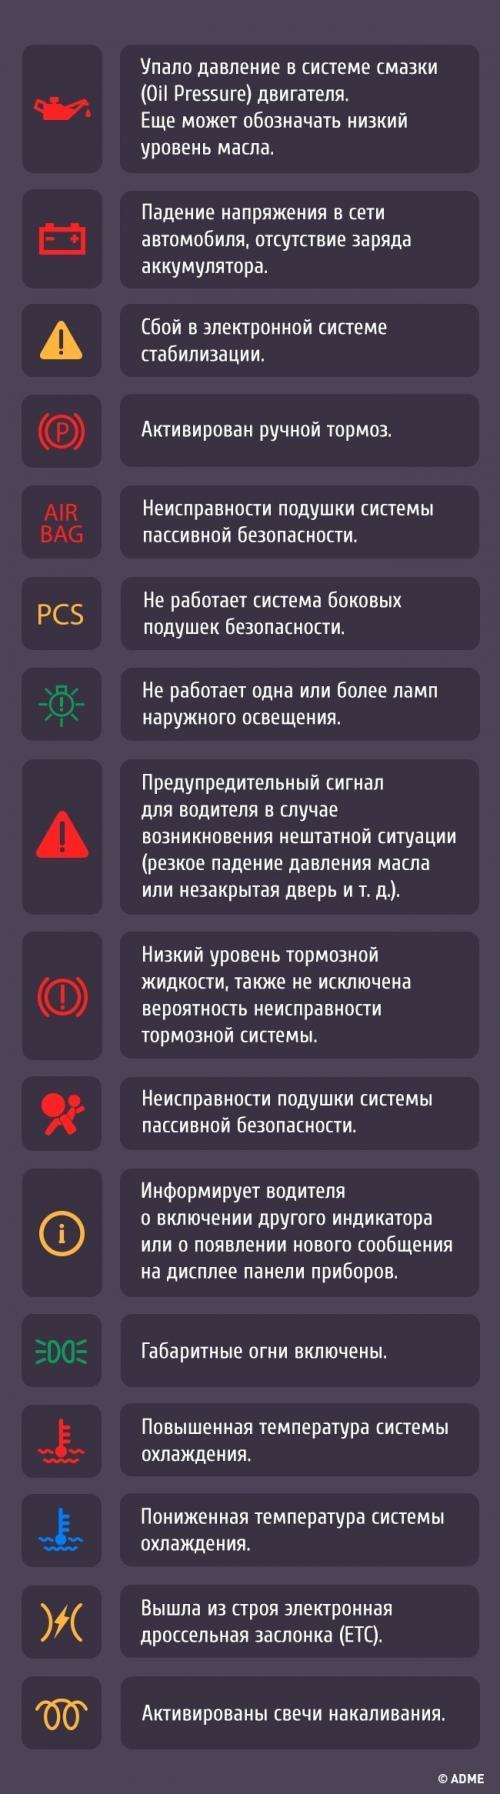 Как разобраться со знаками на приборной панели 1